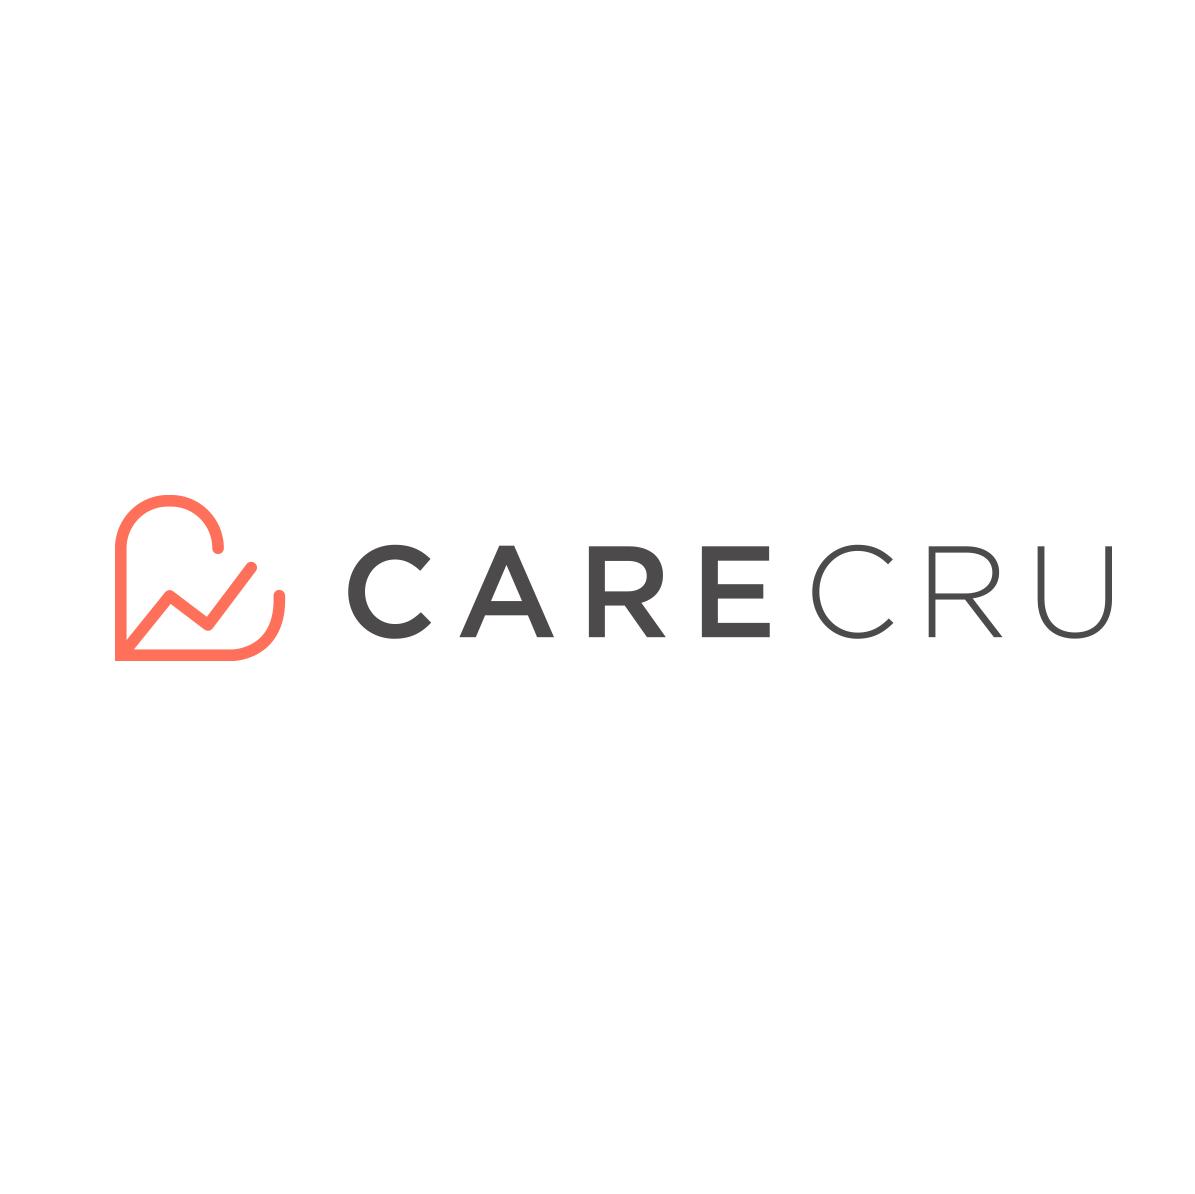 CareCru.png